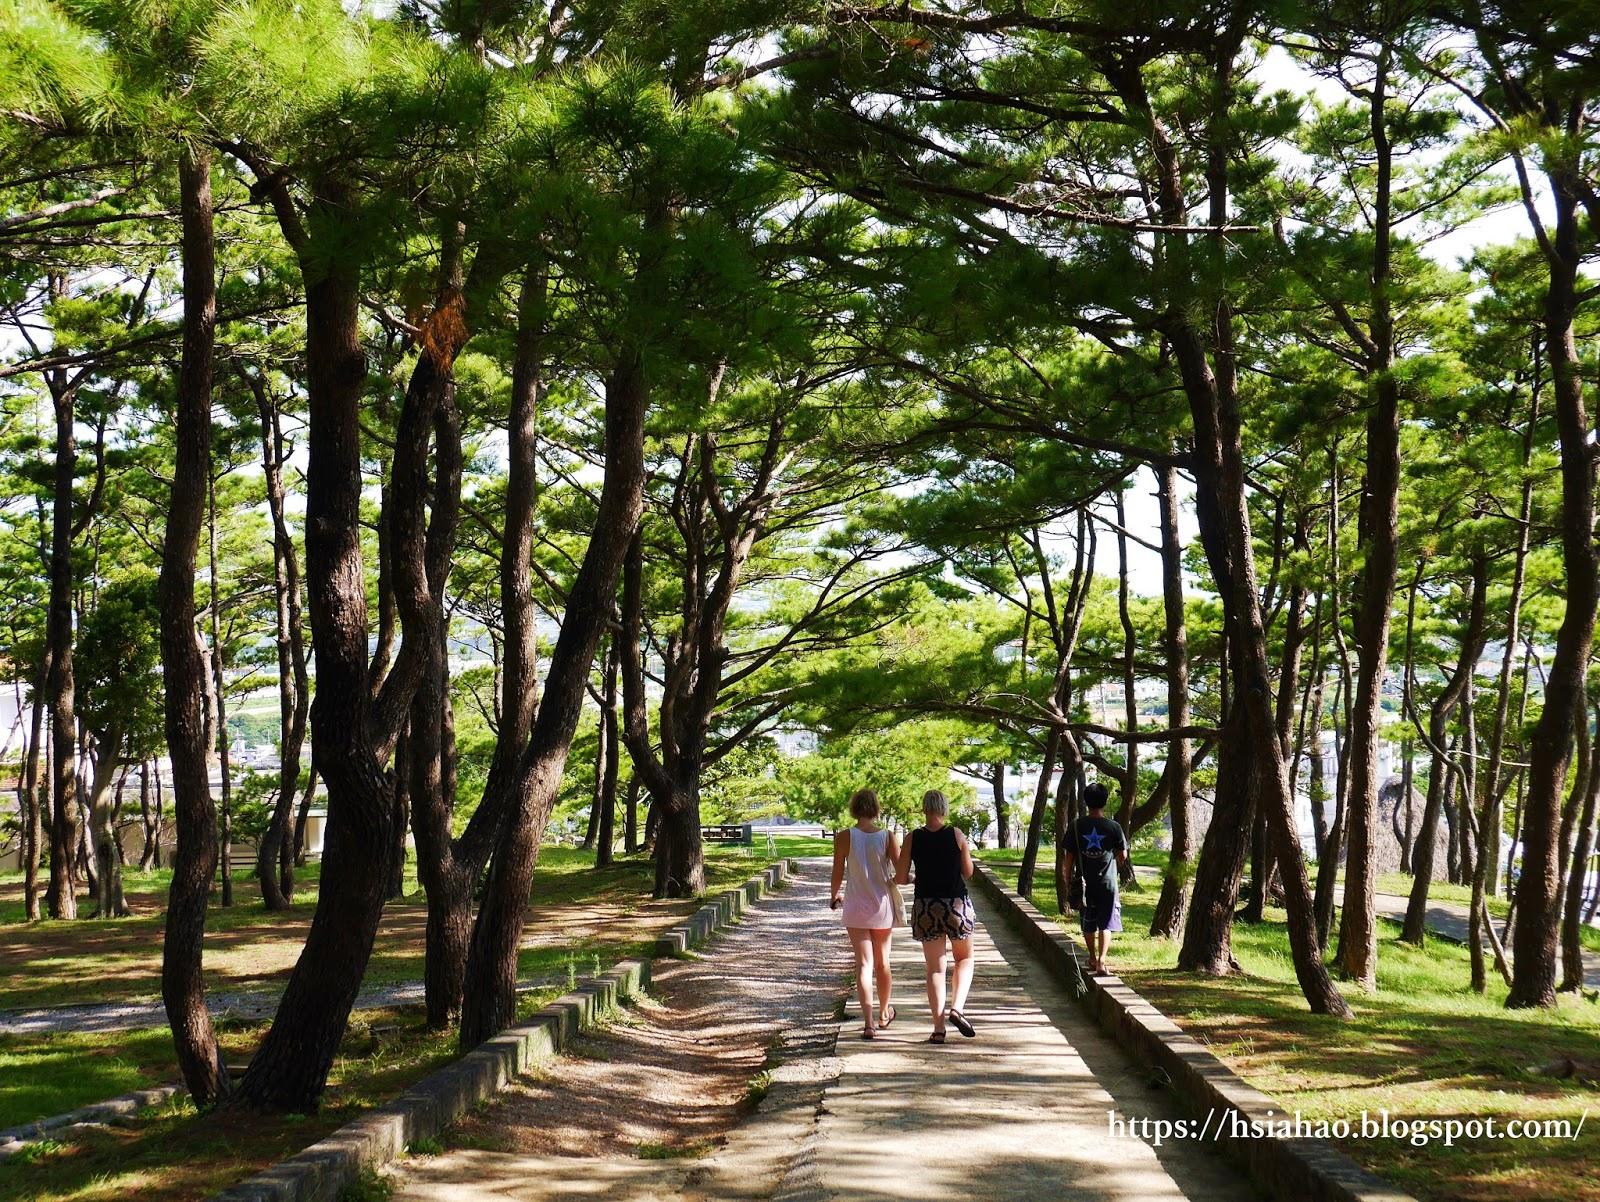 沖繩-推薦-景點-座喜味城跡-自由行-旅遊-Okinawa-Yomitan-Zakimi-Castle-Ruins